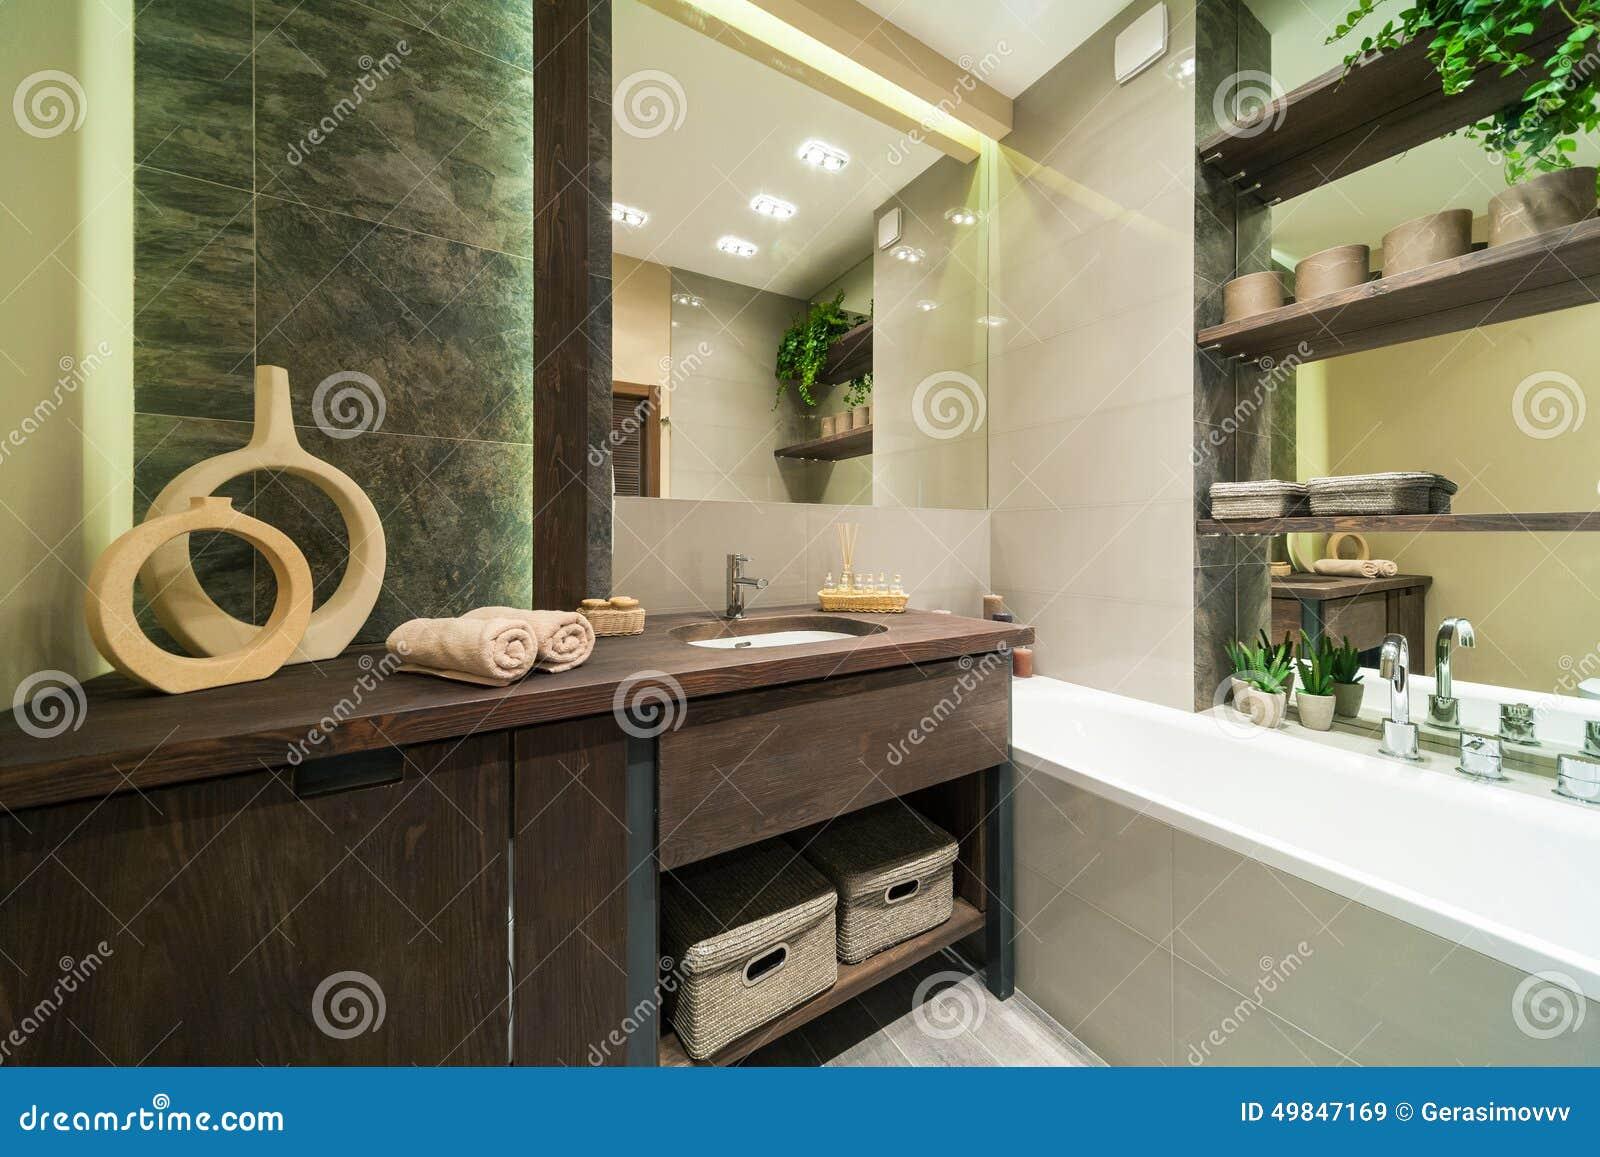 Salle De Bains Dans Le Style D\'eco Image stock - Image du ...